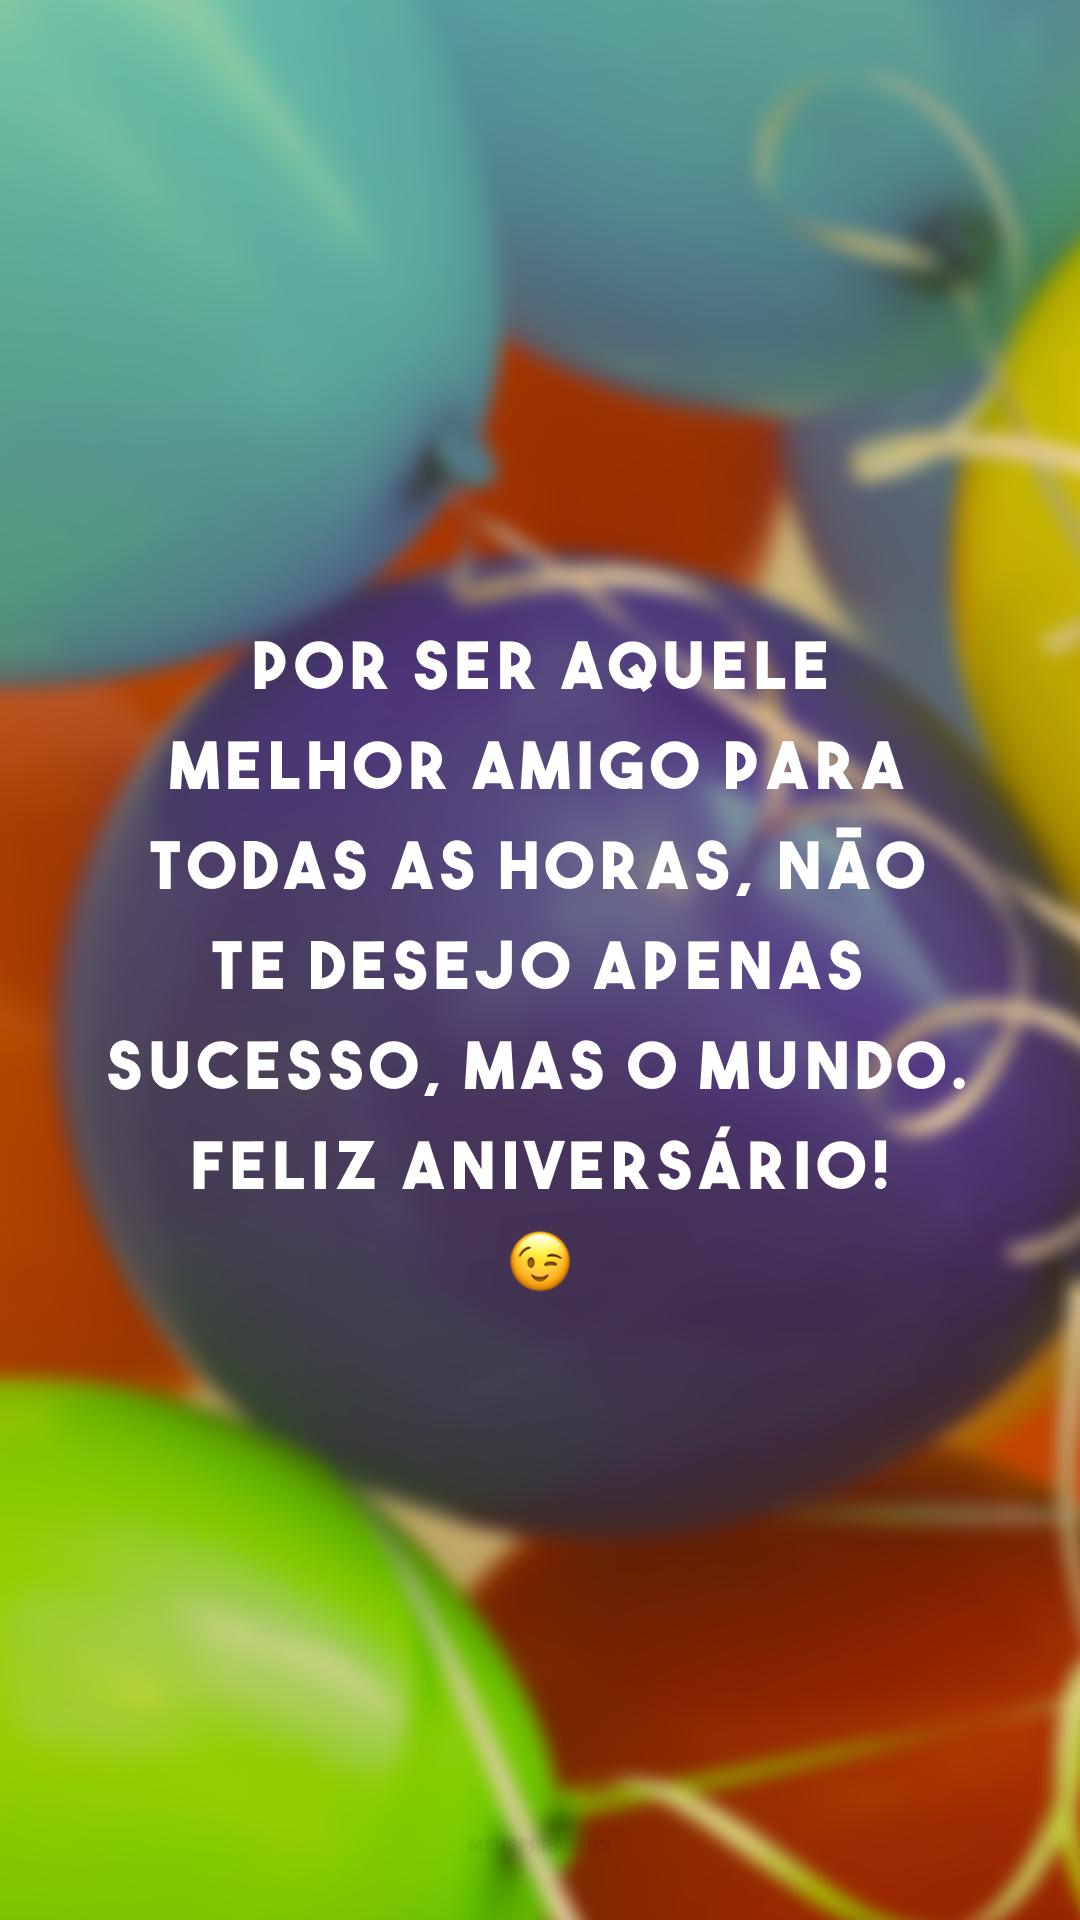 Por ser aquele melhor amigo para todas as horas, não te desejo apenas sucesso, mas o mundo. Feliz aniversário! 😉